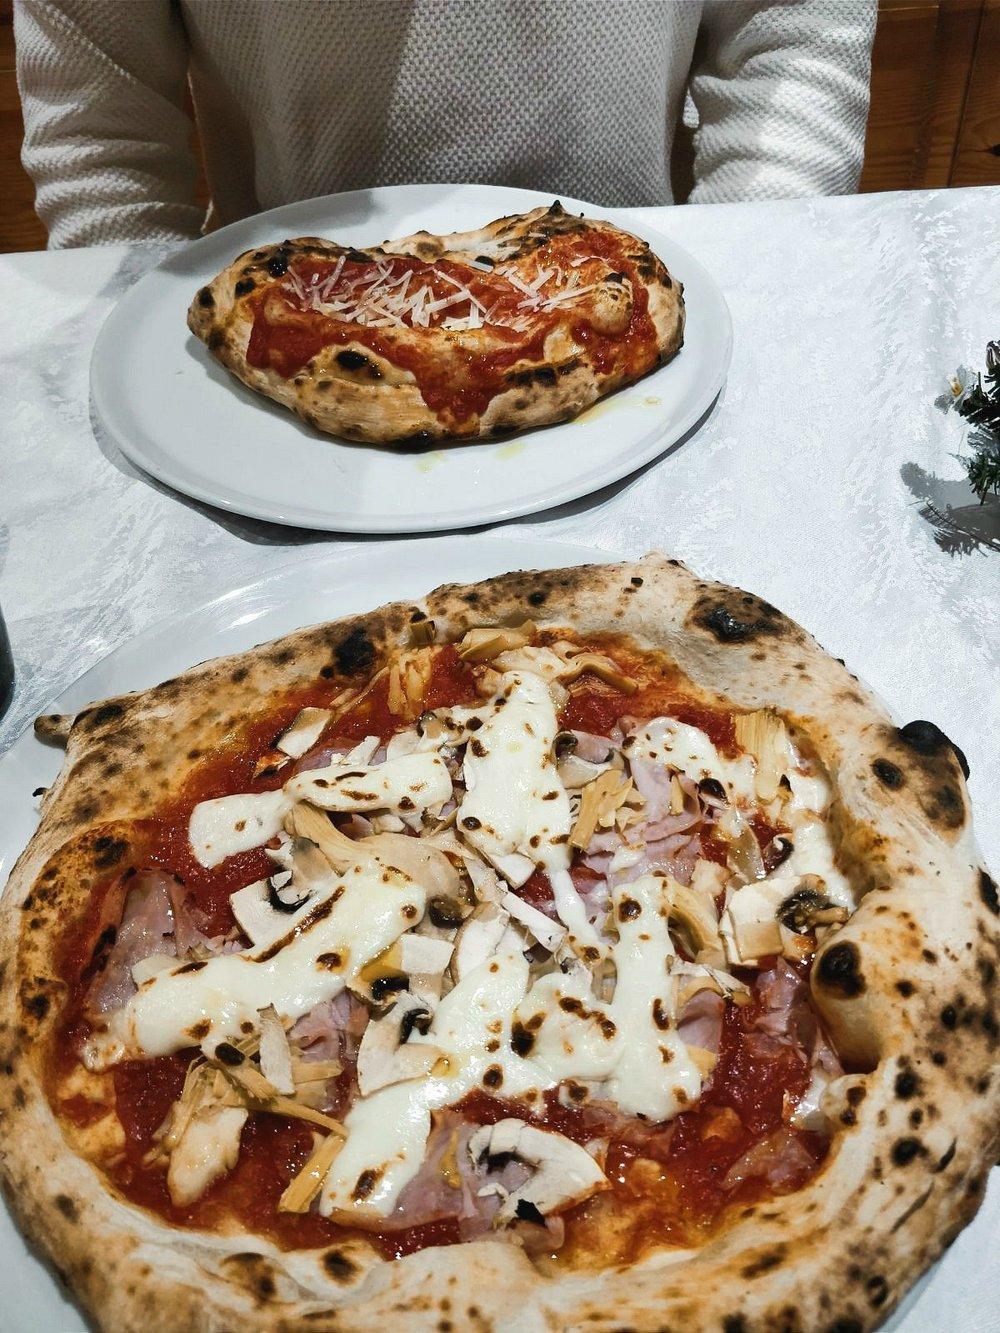 Die beste pizza der welt? - Die wohl besten Pizzen gönnten wir uns in der Pizzeria Da Gino, einem kleinen, typisch italienischen Restaurant ein bisschen außerhalb des Zentrums. Sowohl der Geschmack als auch der Preis waren umwerfend – für zwei Pizzen, eine große Flasche Wasser und ein Bier bezahlten wir insgesamt 20€.